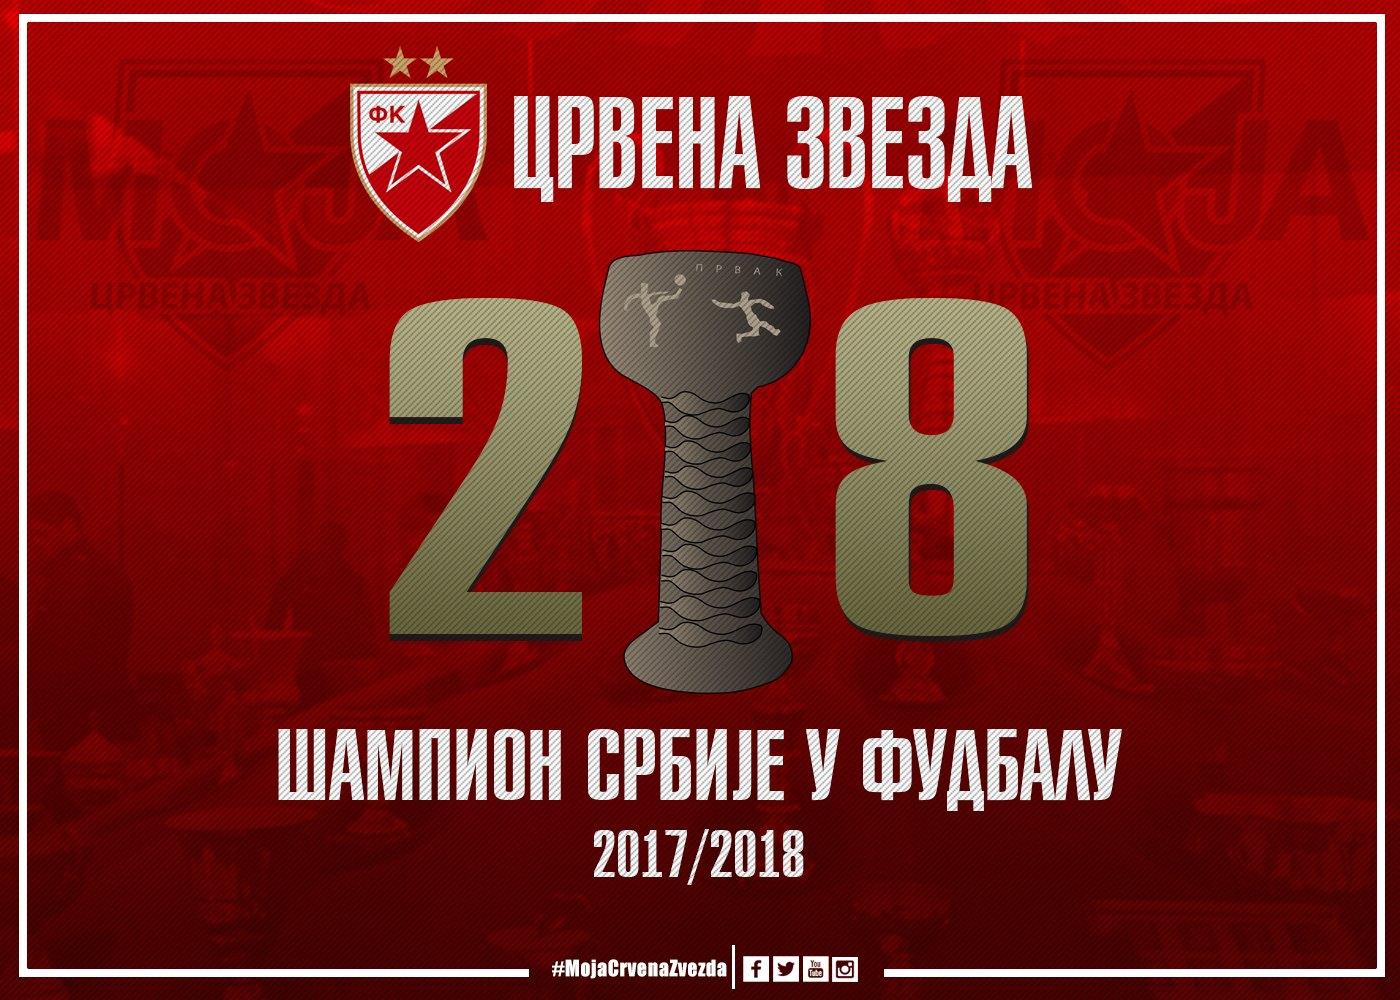 28! Црвена звезда је шампион Србије!